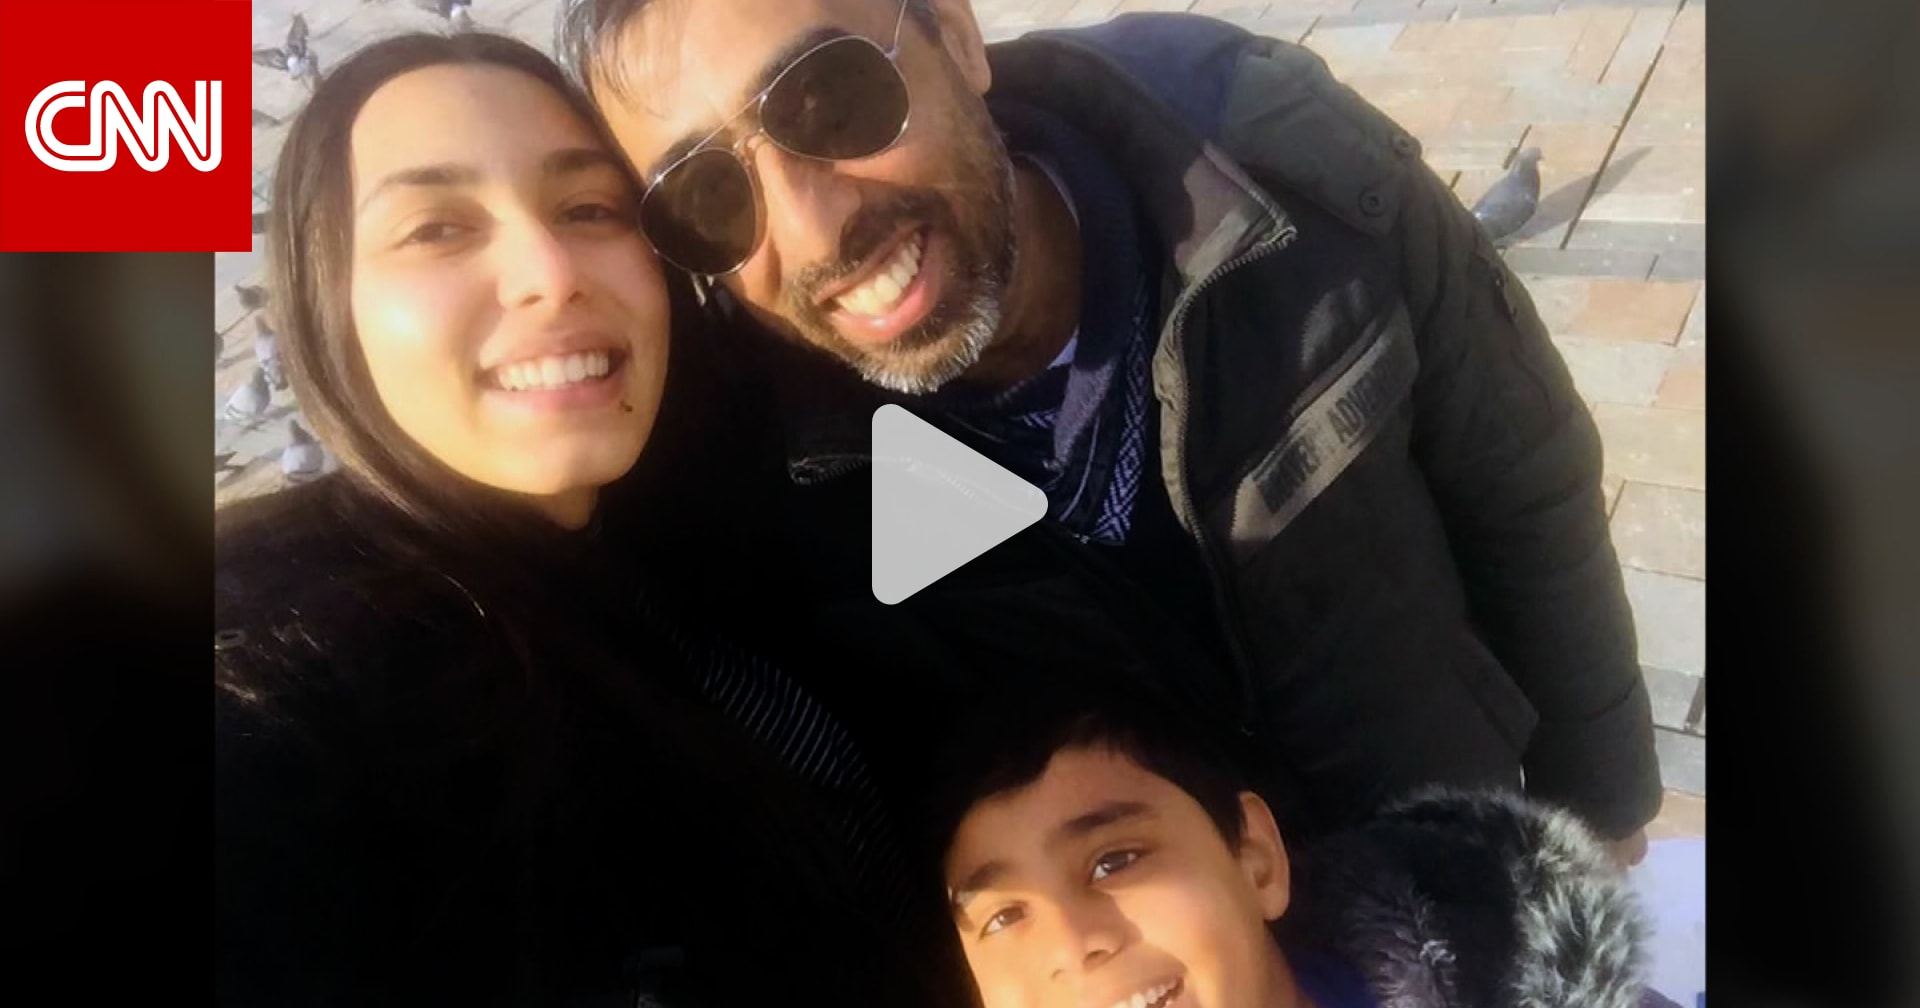 طعنها 17 مرة.. مقتل فتاة حامل تبلغ من العمر 17 عامًا على يد زوجها في تركيا